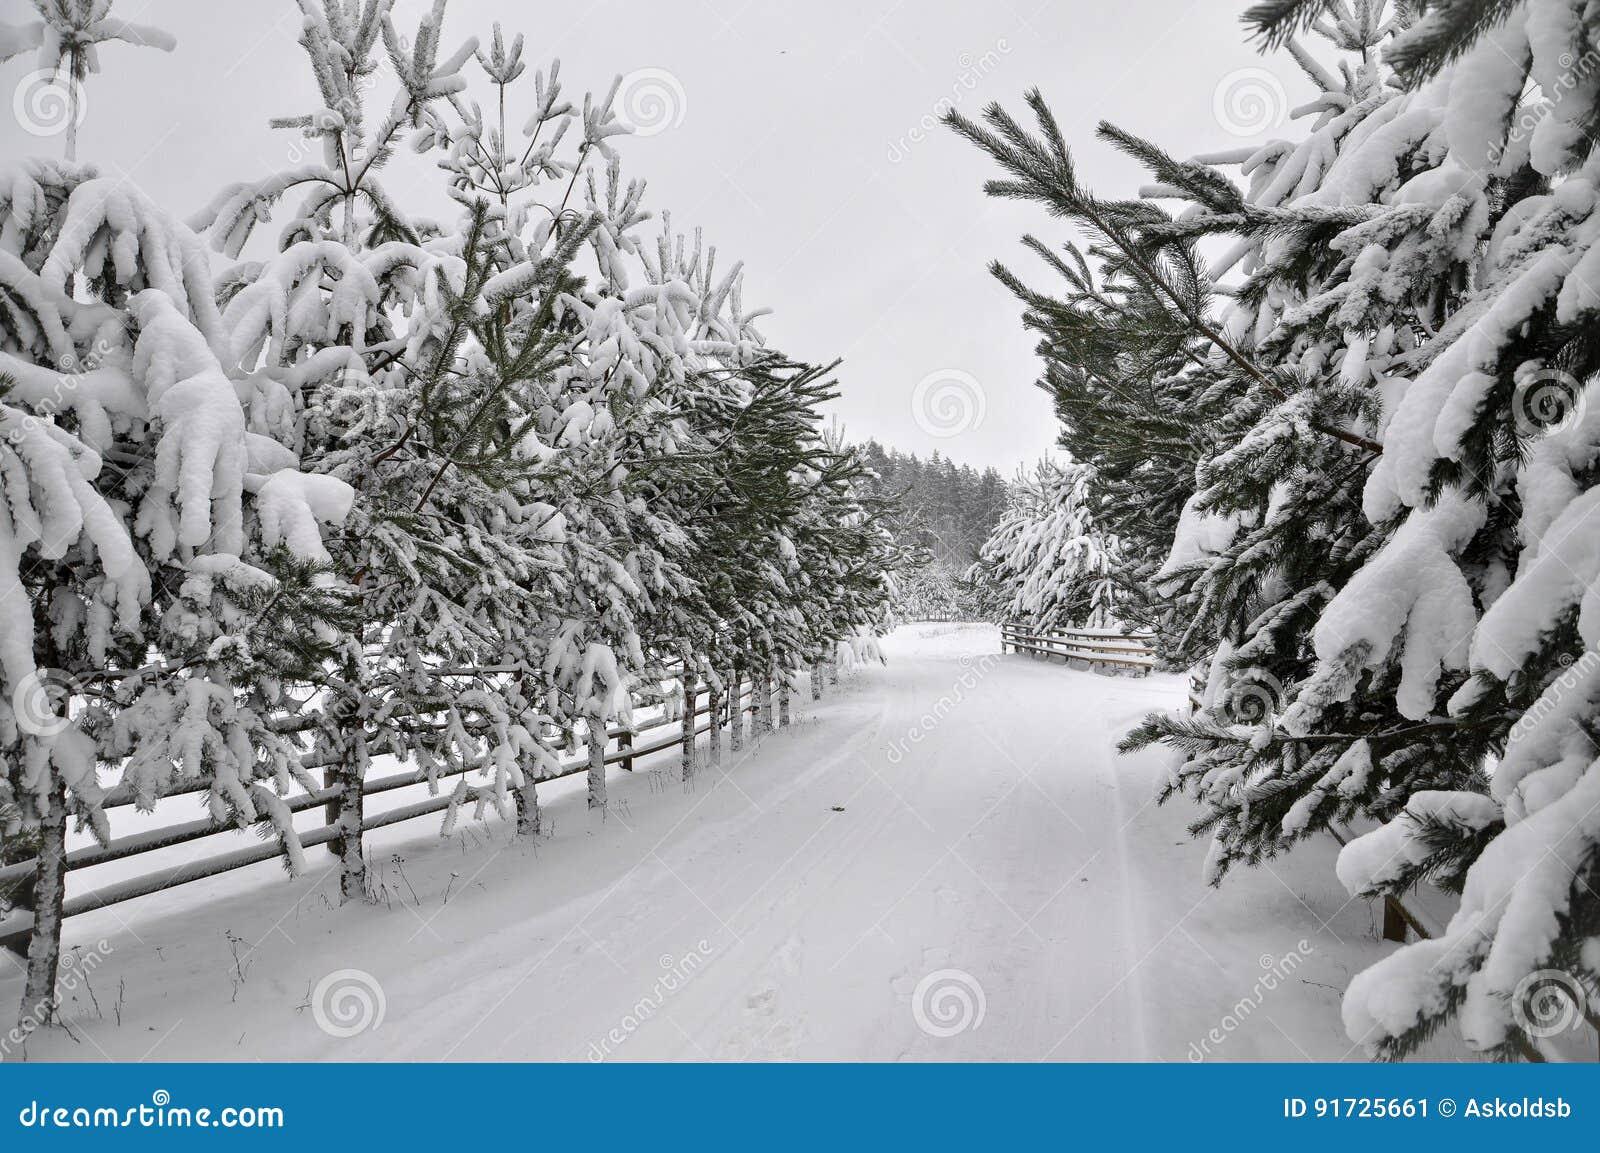 Χειμερινός δρόμος με τα δέντρα ξύλινων φρακτών και έλατου και στις δύο πλευρές του δρόμου